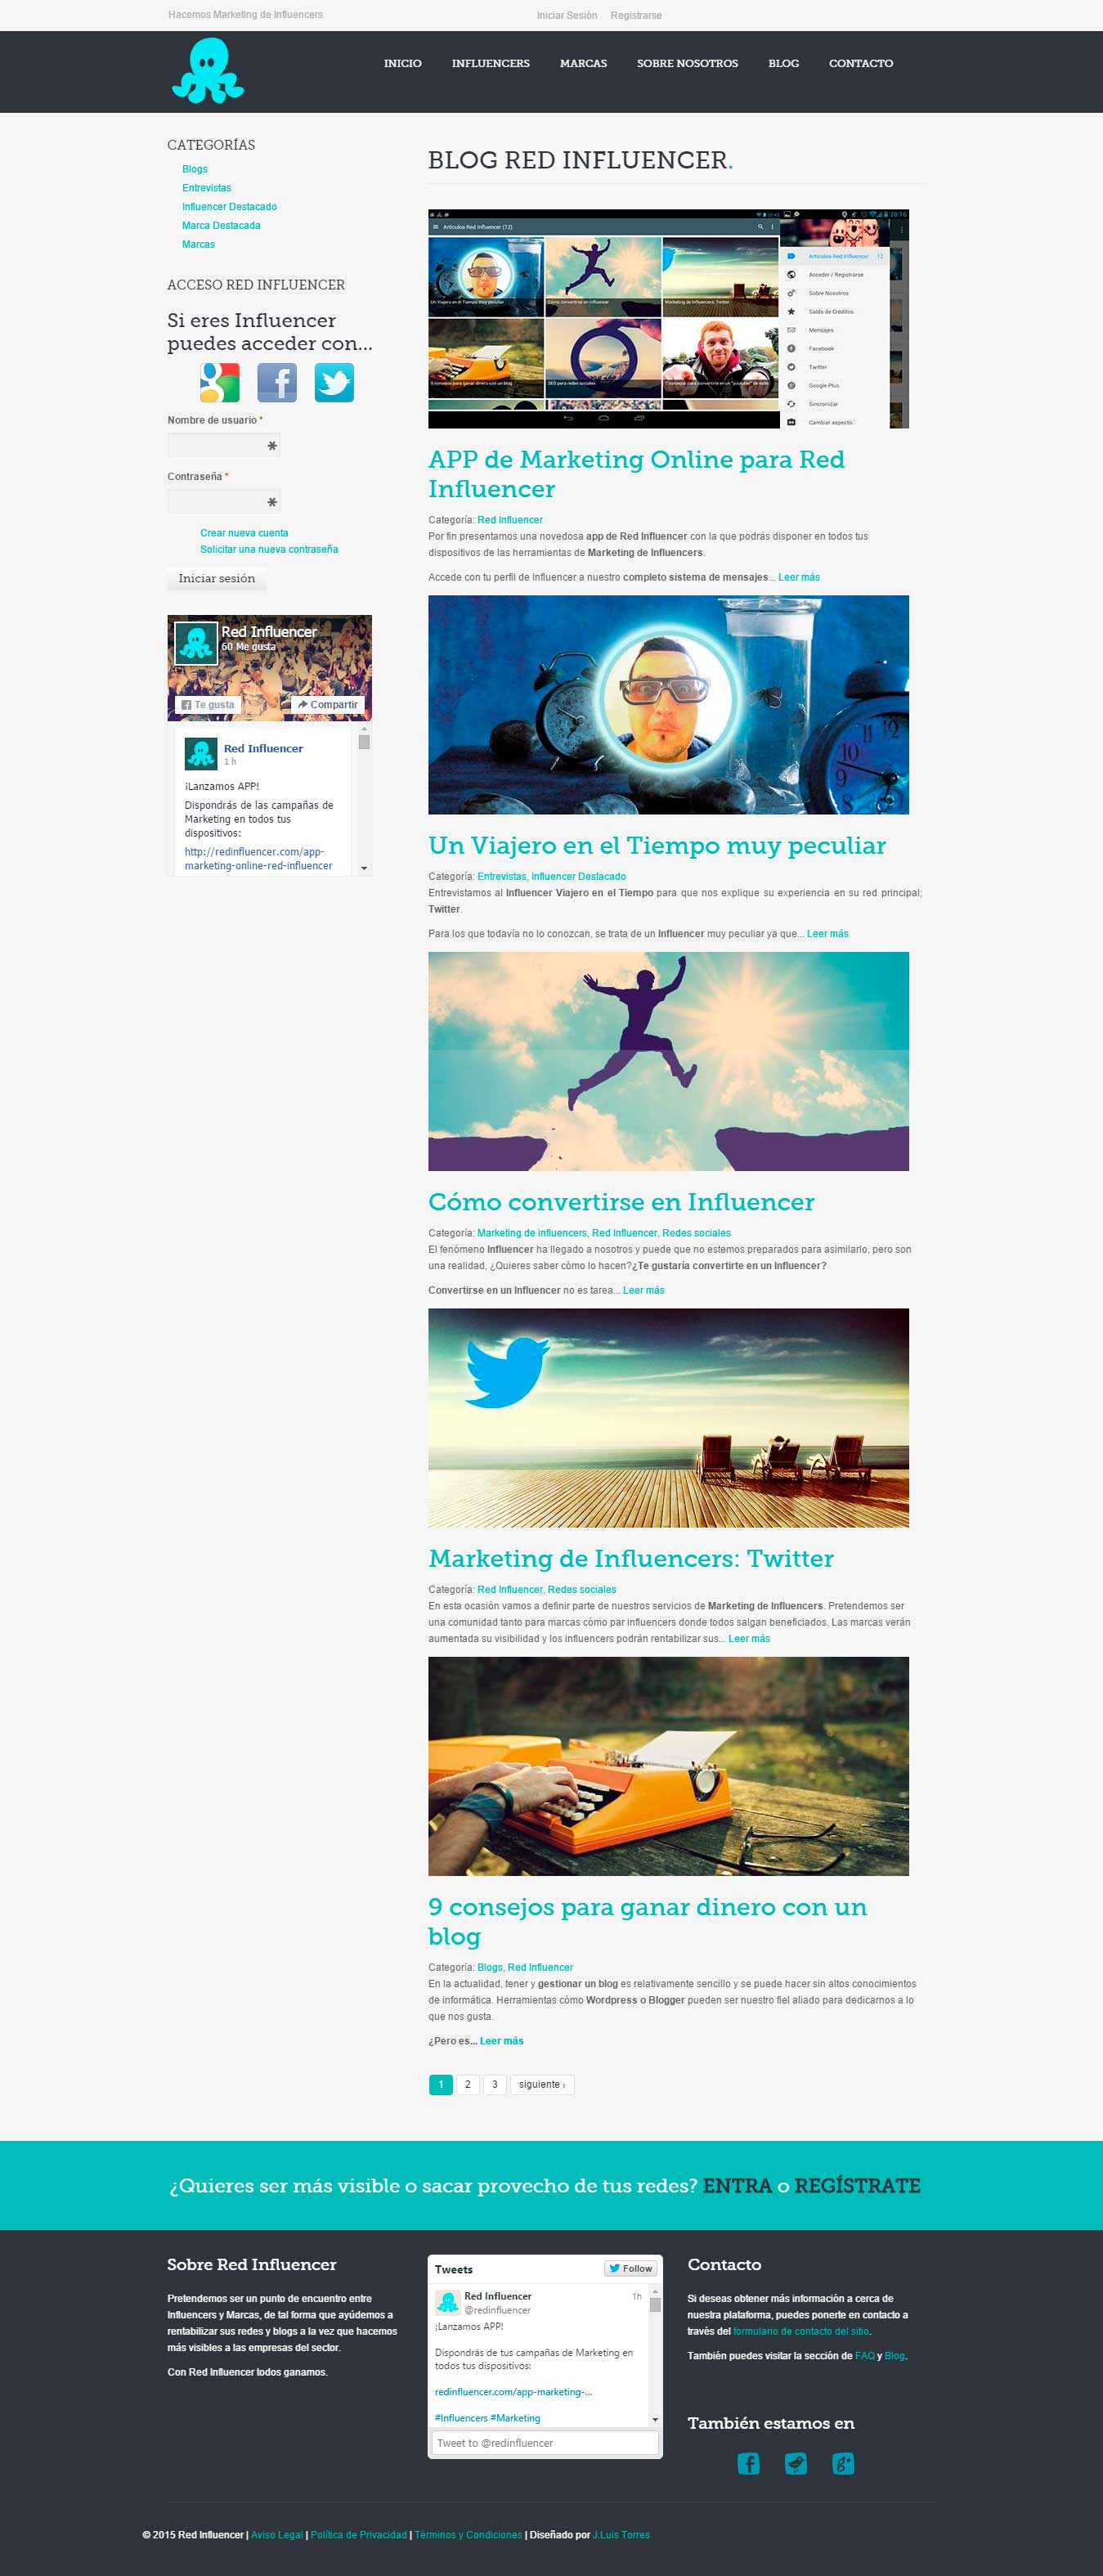 red-influencer-marketing-de-influencers-blog